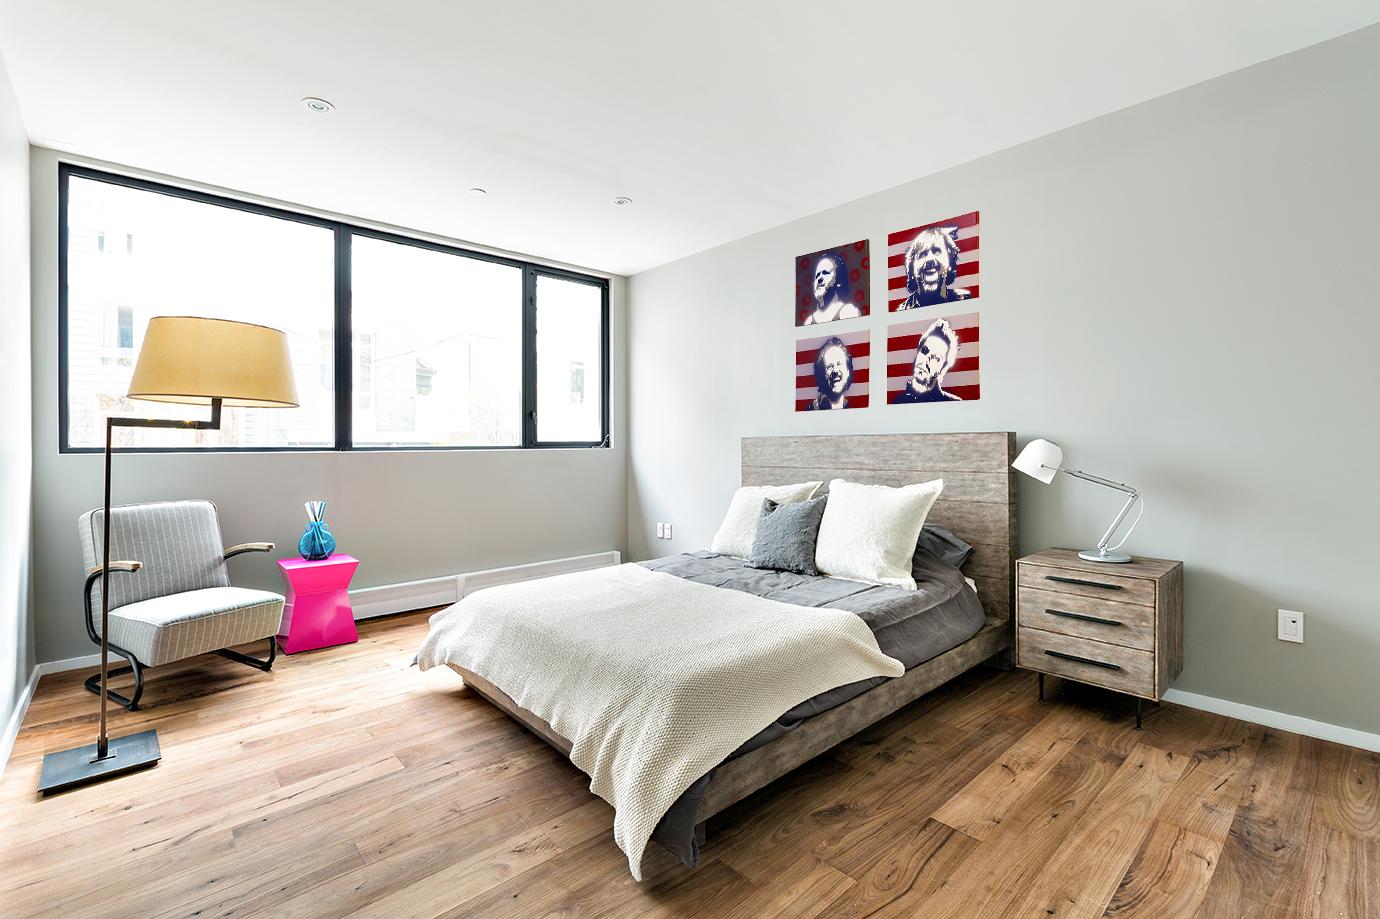 Phish_Bedroom